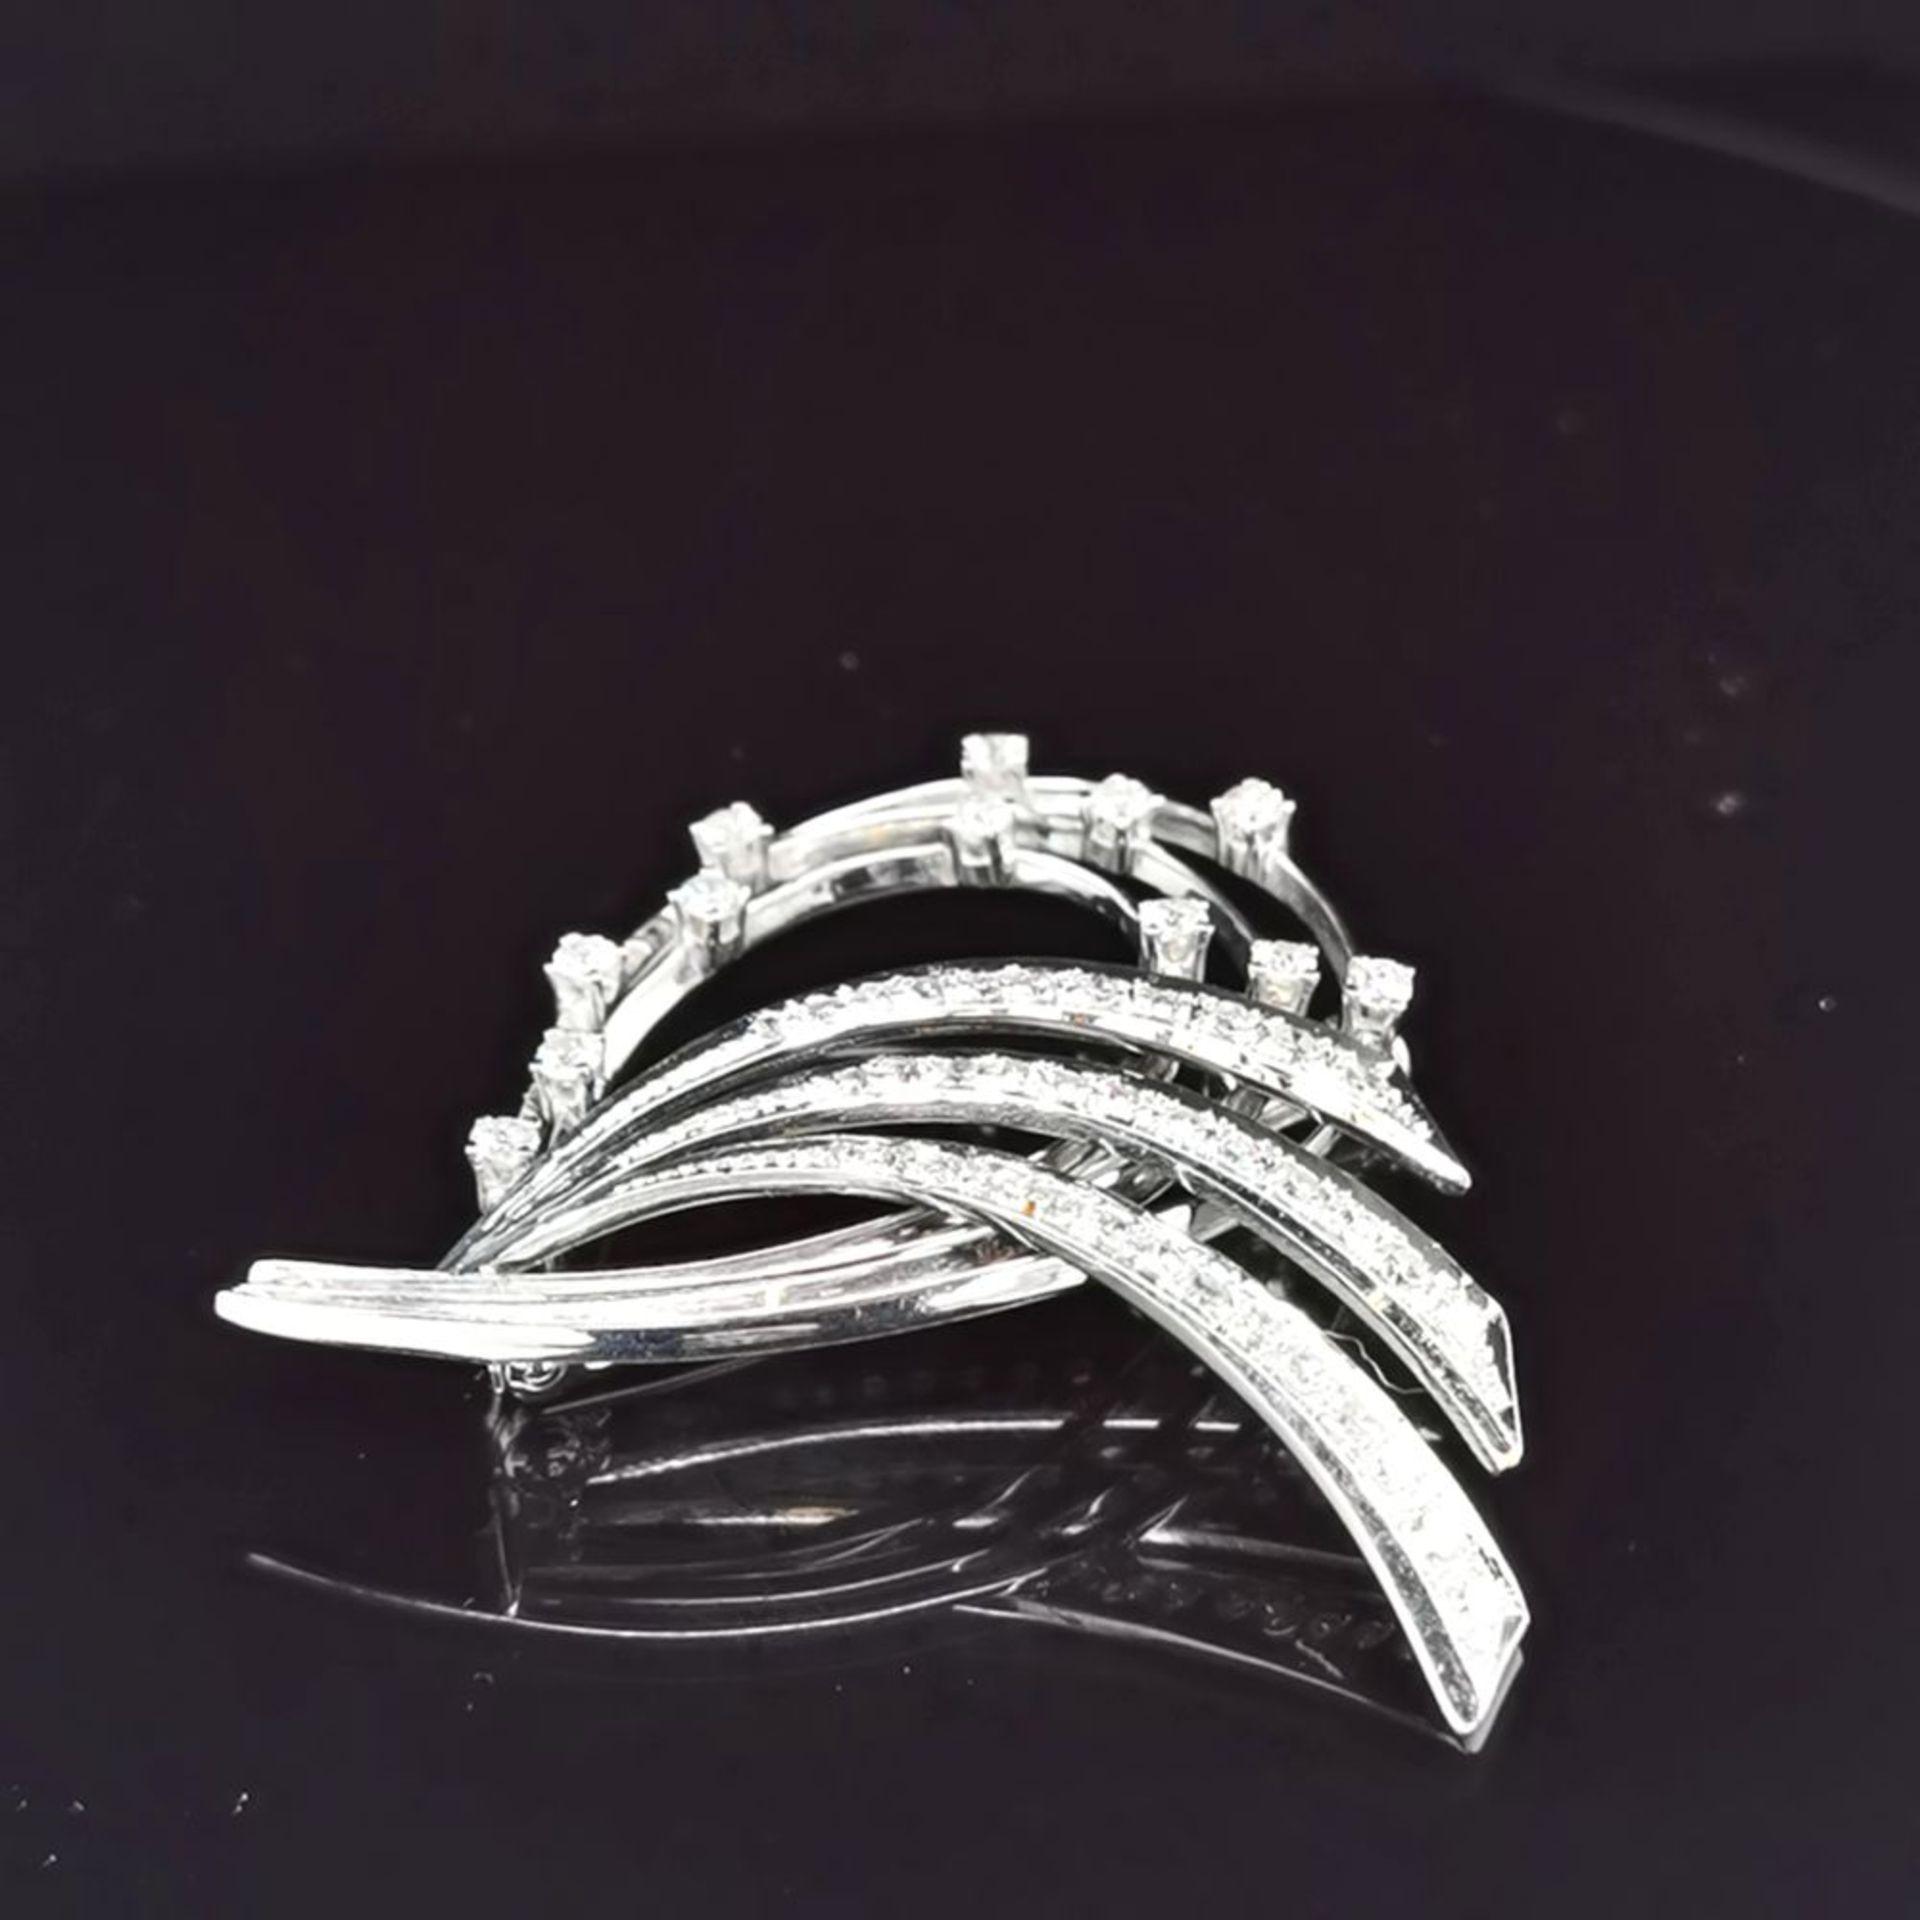 Diamant/Brillant-Brosche, 585 Weißgold - Image 2 of 3